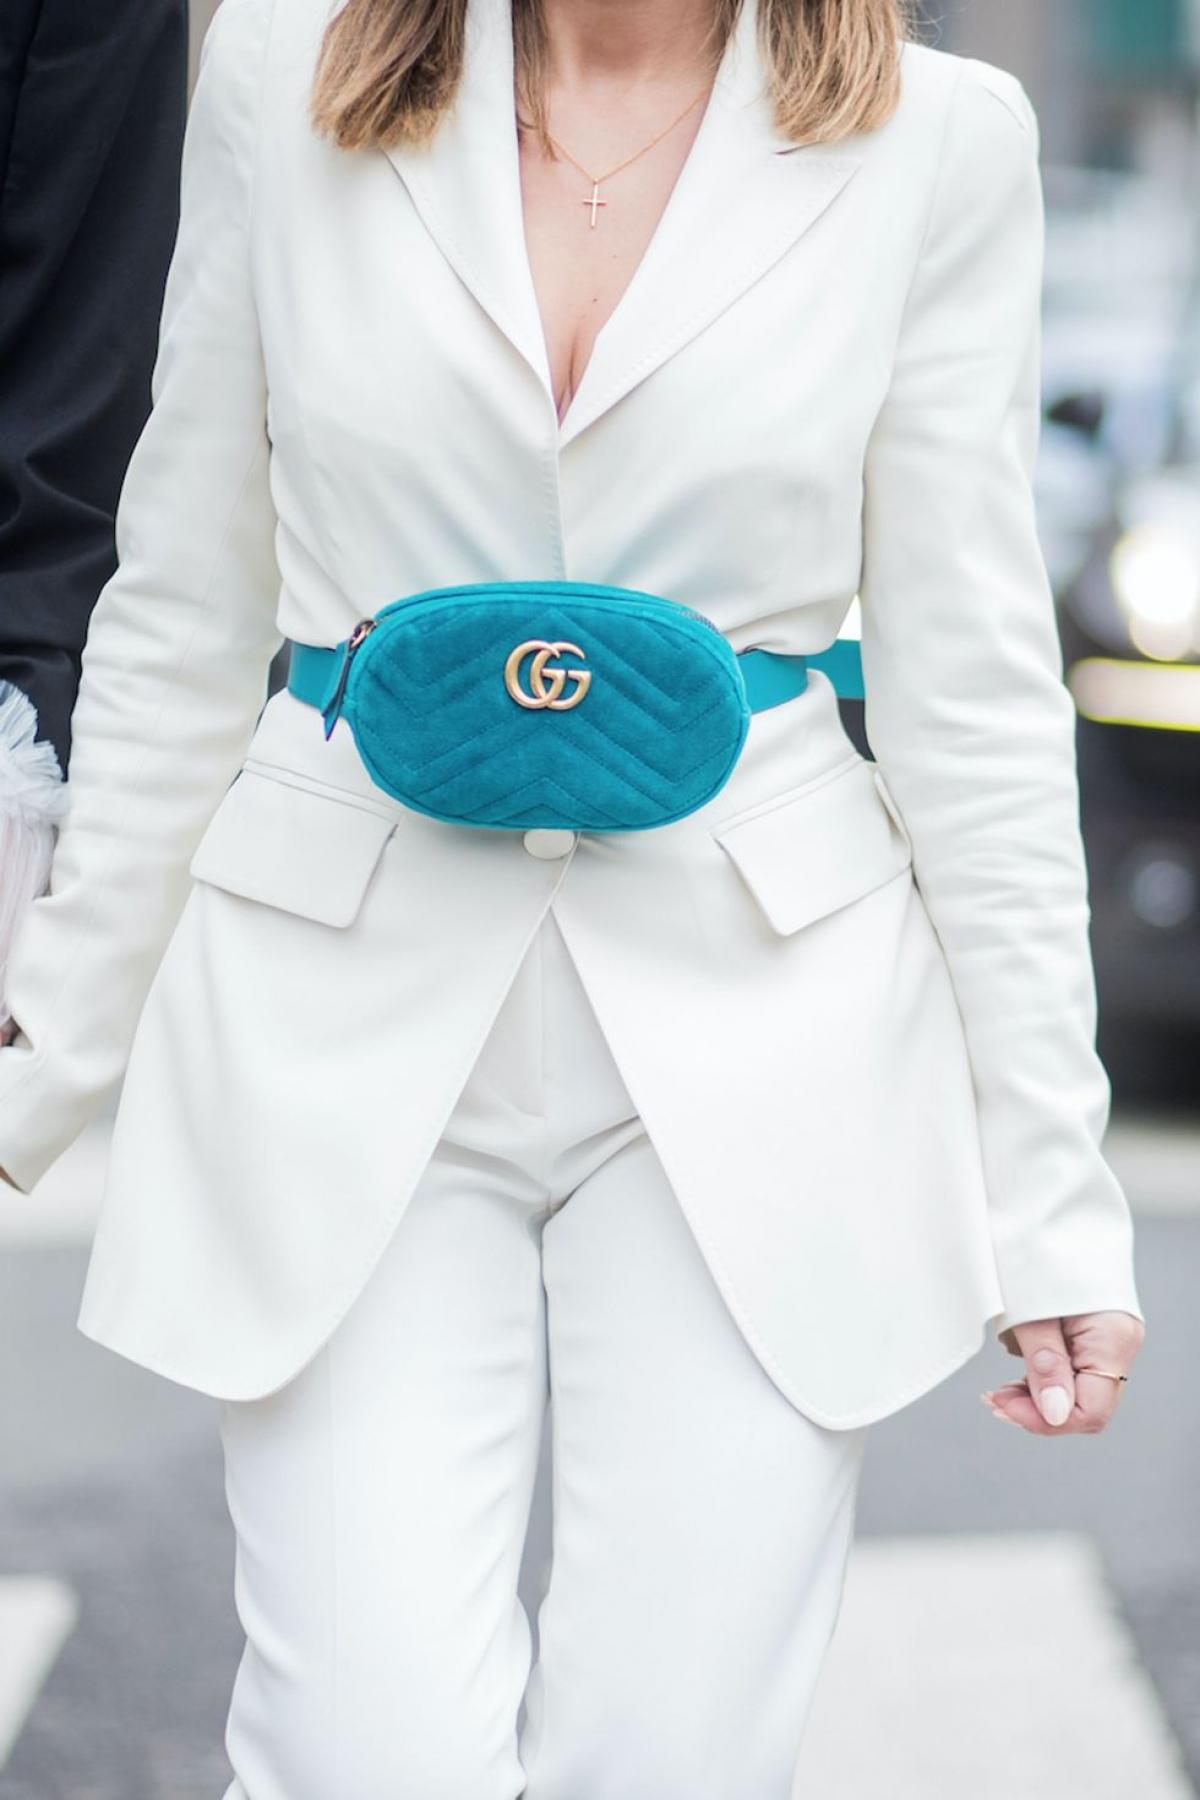 Túi bao tử: Nhận được nhiều chế giễu trong ngành thời trang, nhưng những năm 90, đây là 1 trong những món đồ xuất sắc khi có thể đựng được tất cả mọi thứ cần thiết. Ngày nay, chiếc túi đã quay trở lại, được Kendall Jenner lăng xê và trở thành phụ kiện không thể thiếu của các fashionista.